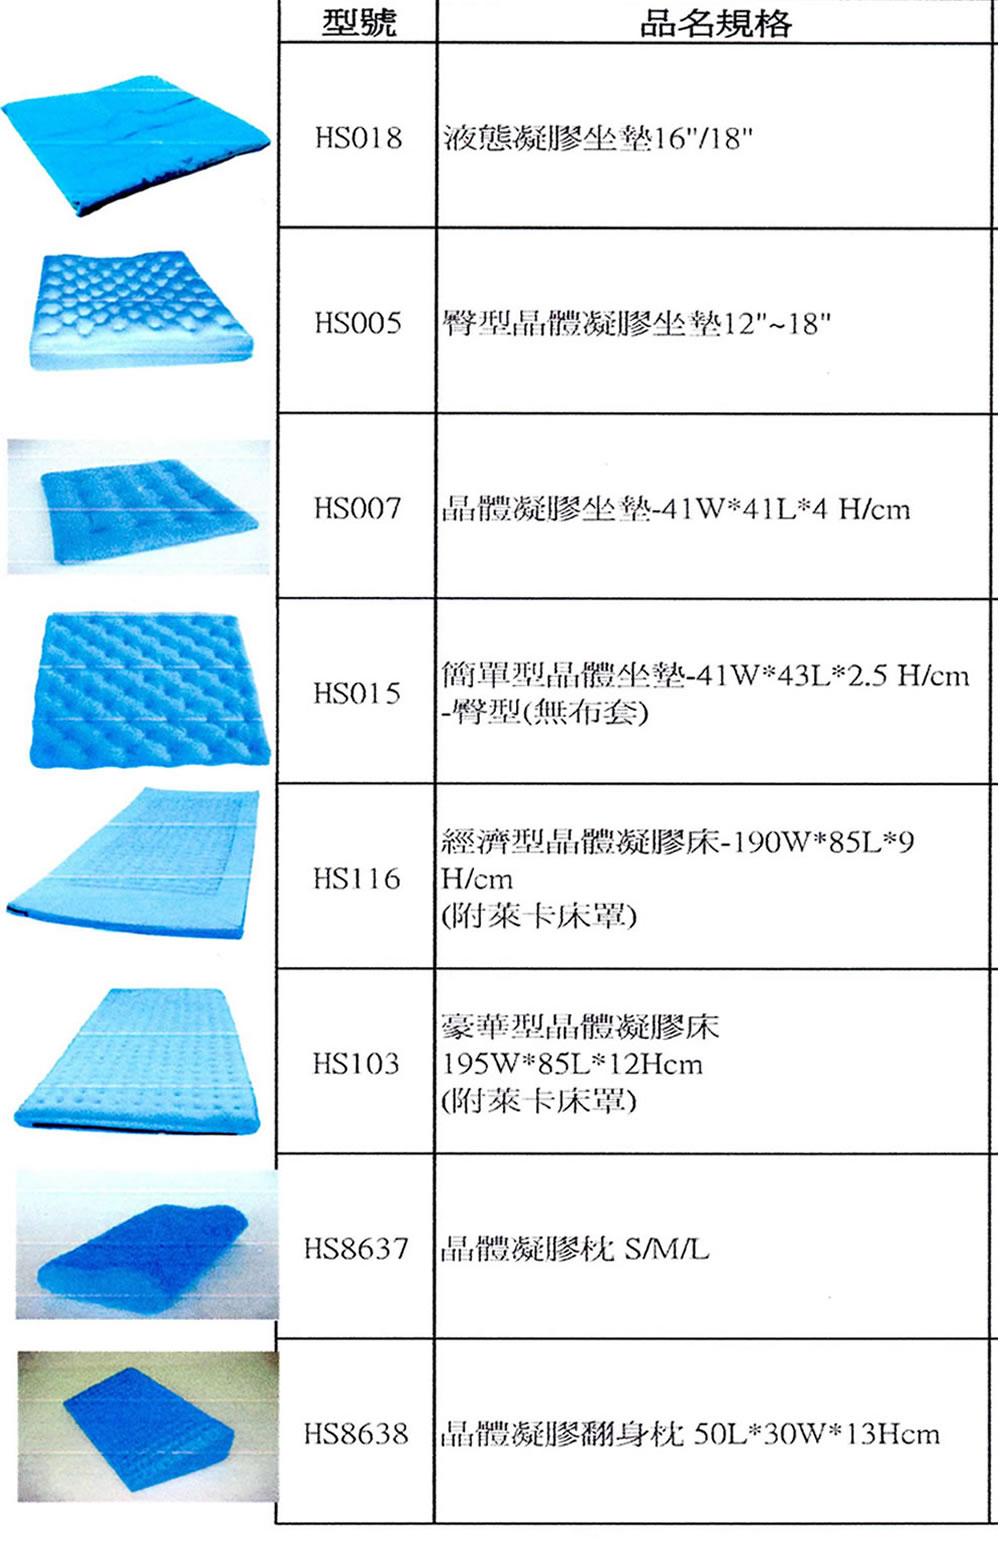 惠生減壓系列產品1-.jpg